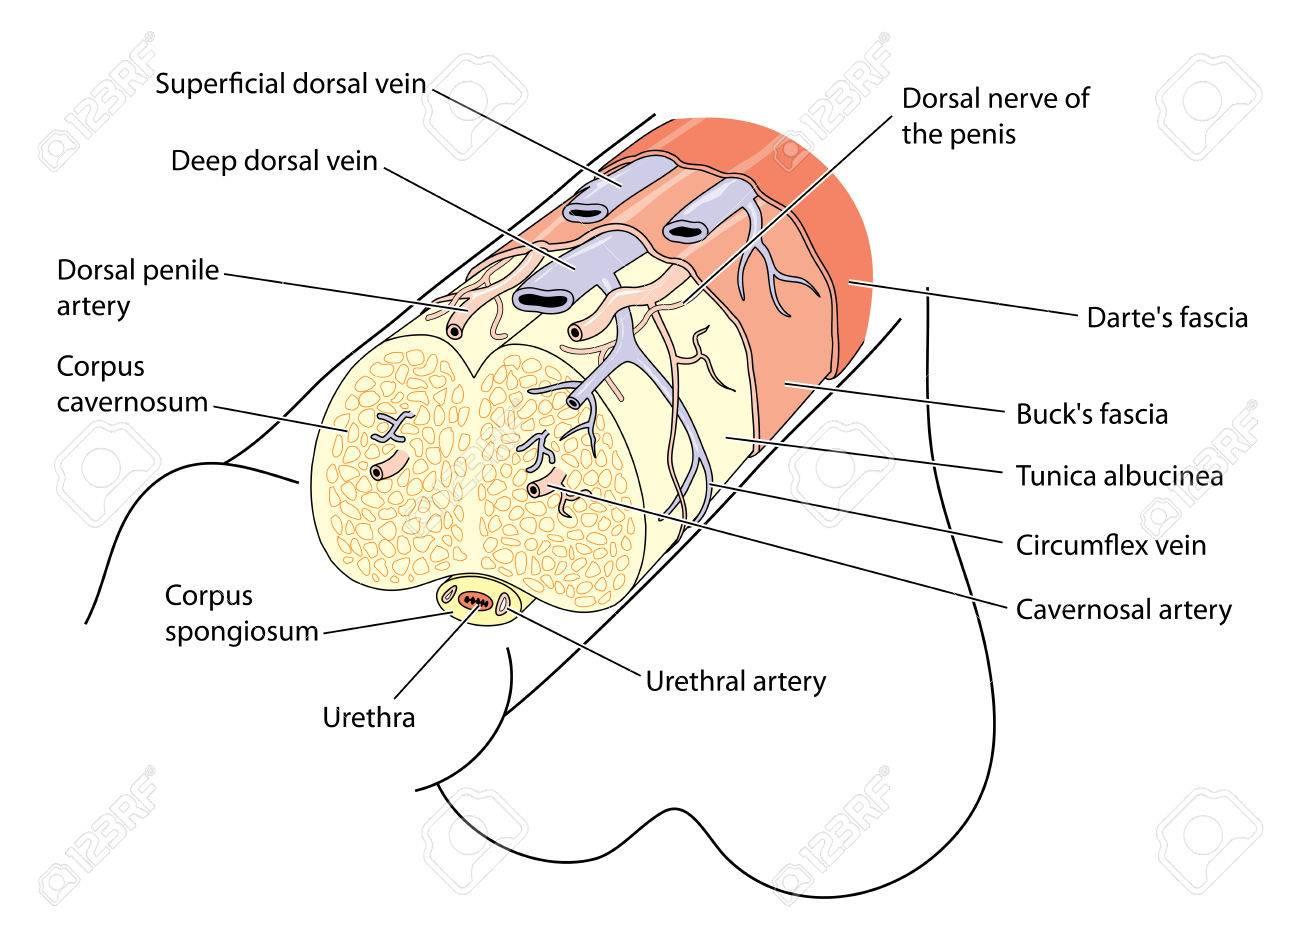 Anatomie Des Penis Zeigt Die Wichtigsten Strukturen, Blutgefäße Und ...